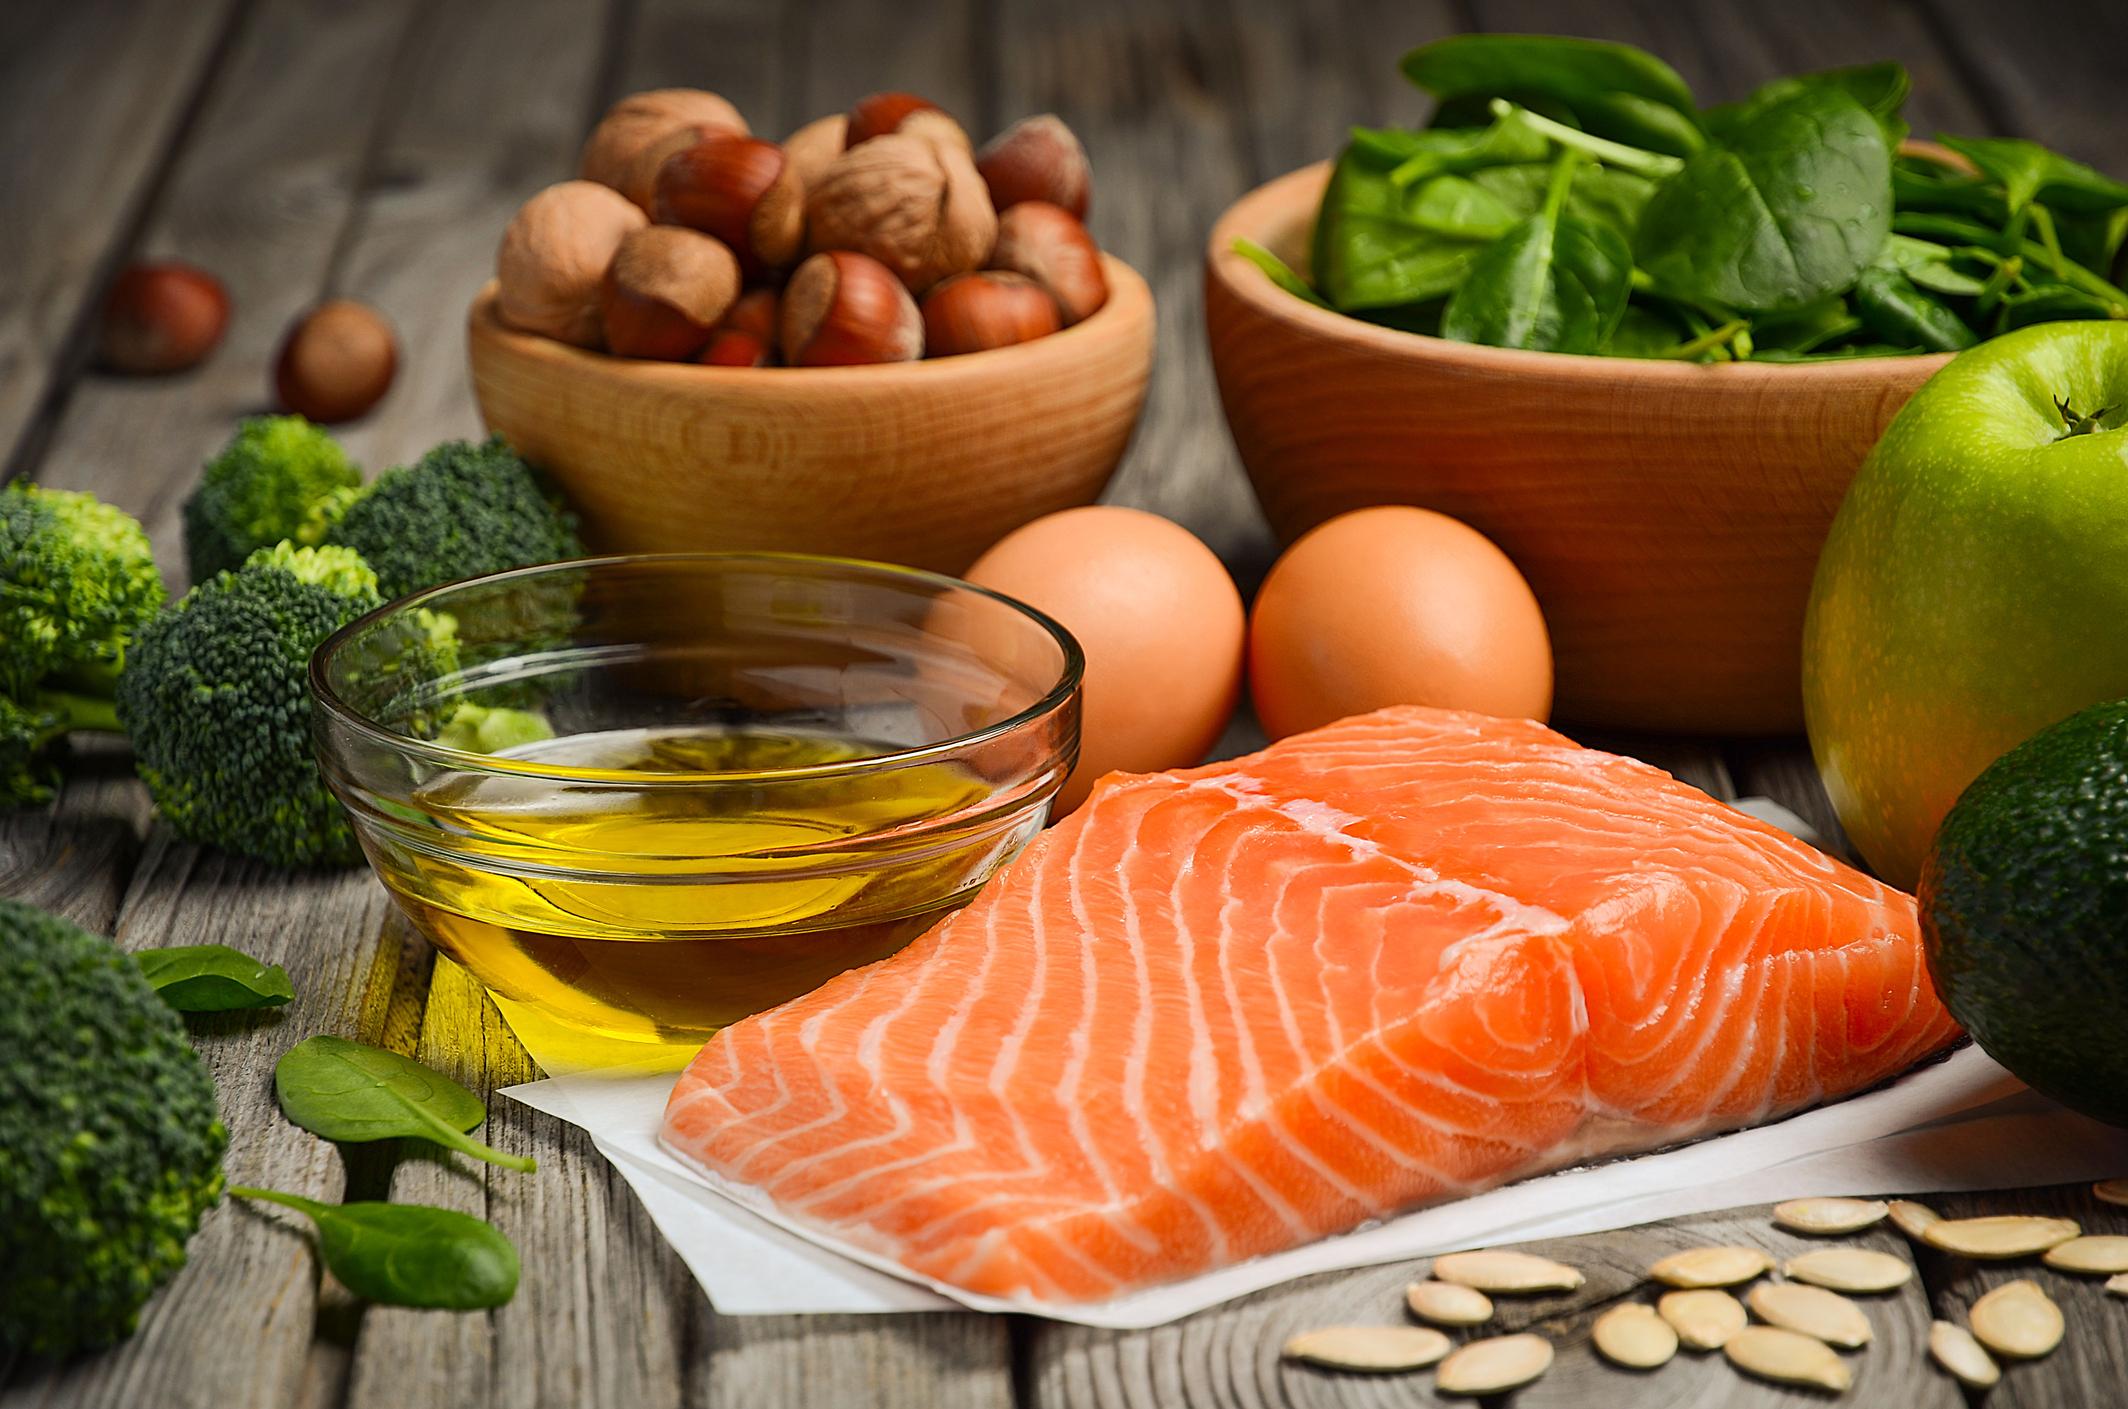 Determinados alimentos podem influenciar no nosso sono, auxiliando a reduzir a insônia